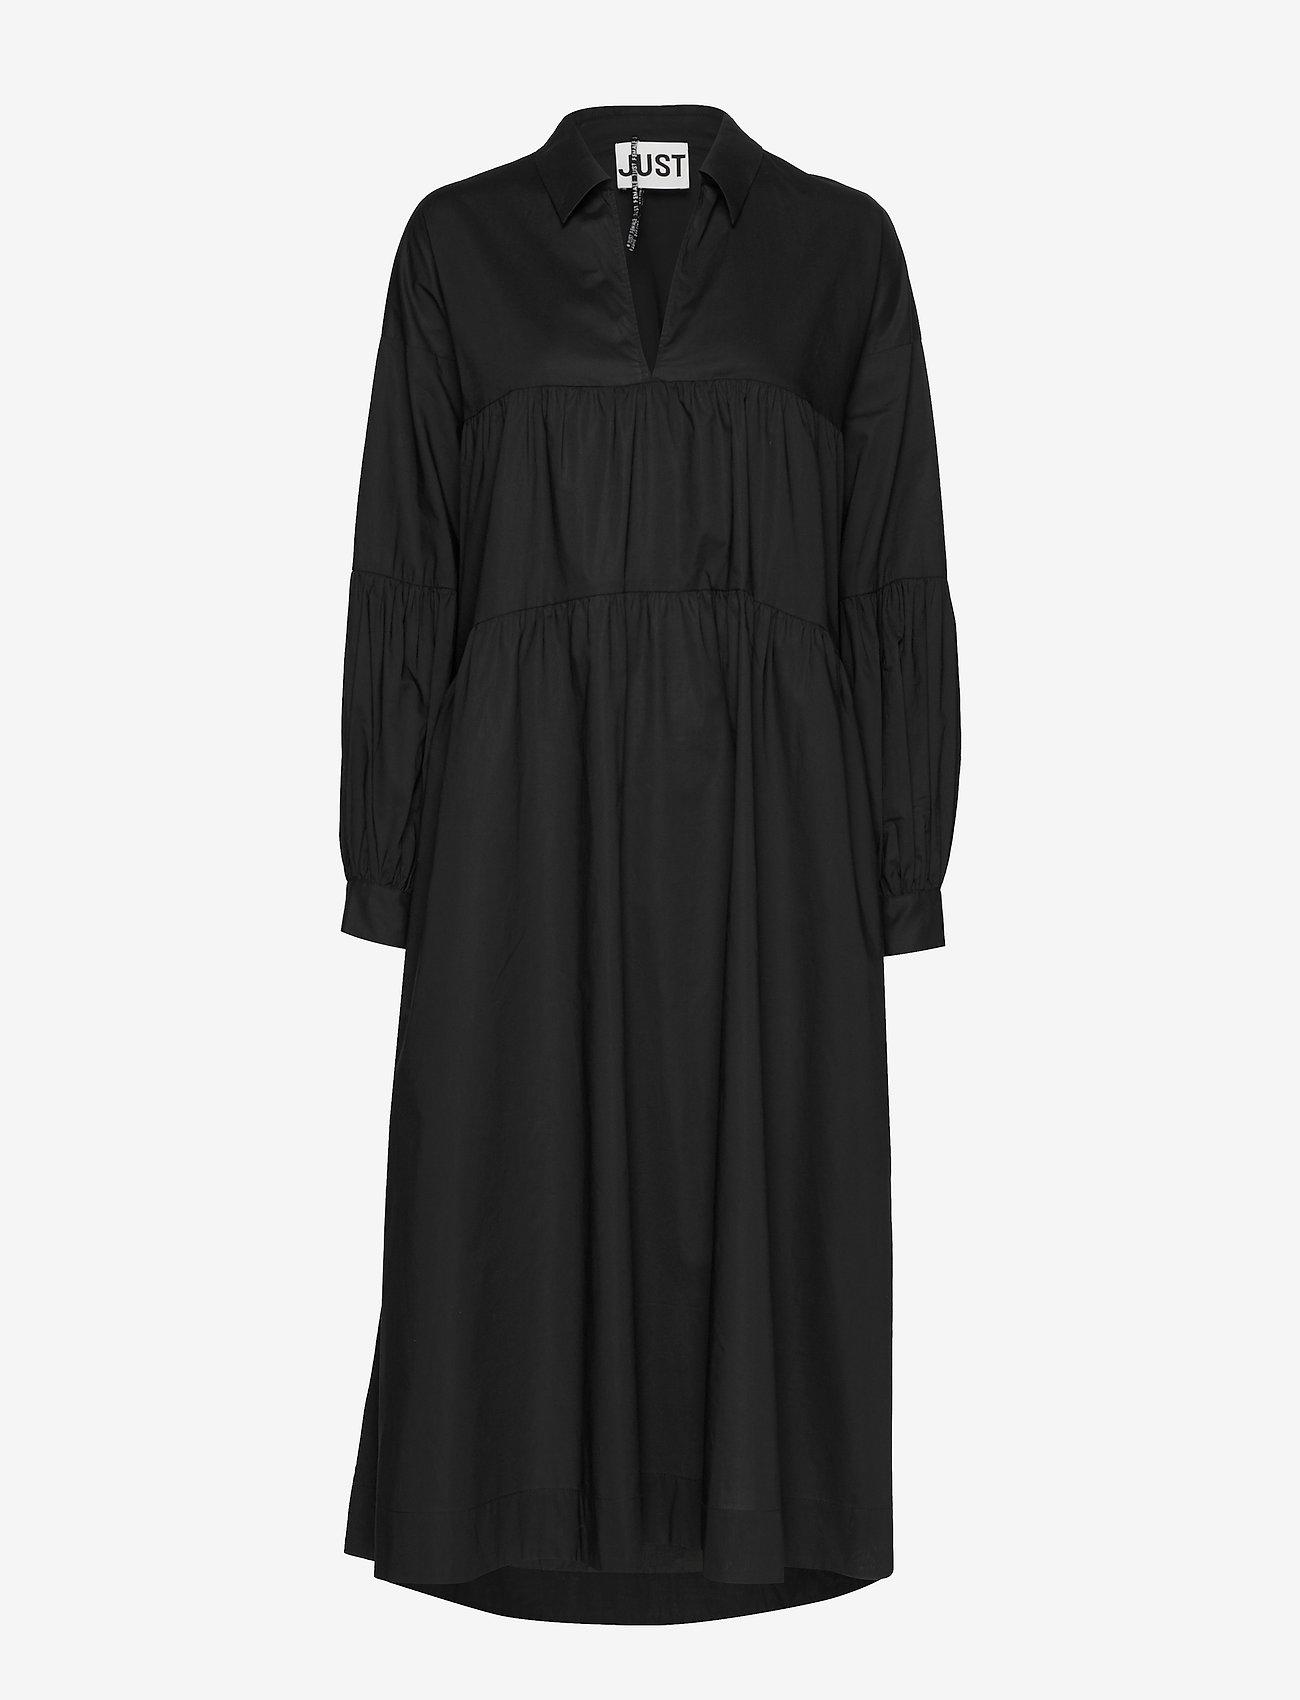 Just Female - Mandy maxi dress - midiklänningar - black - 0